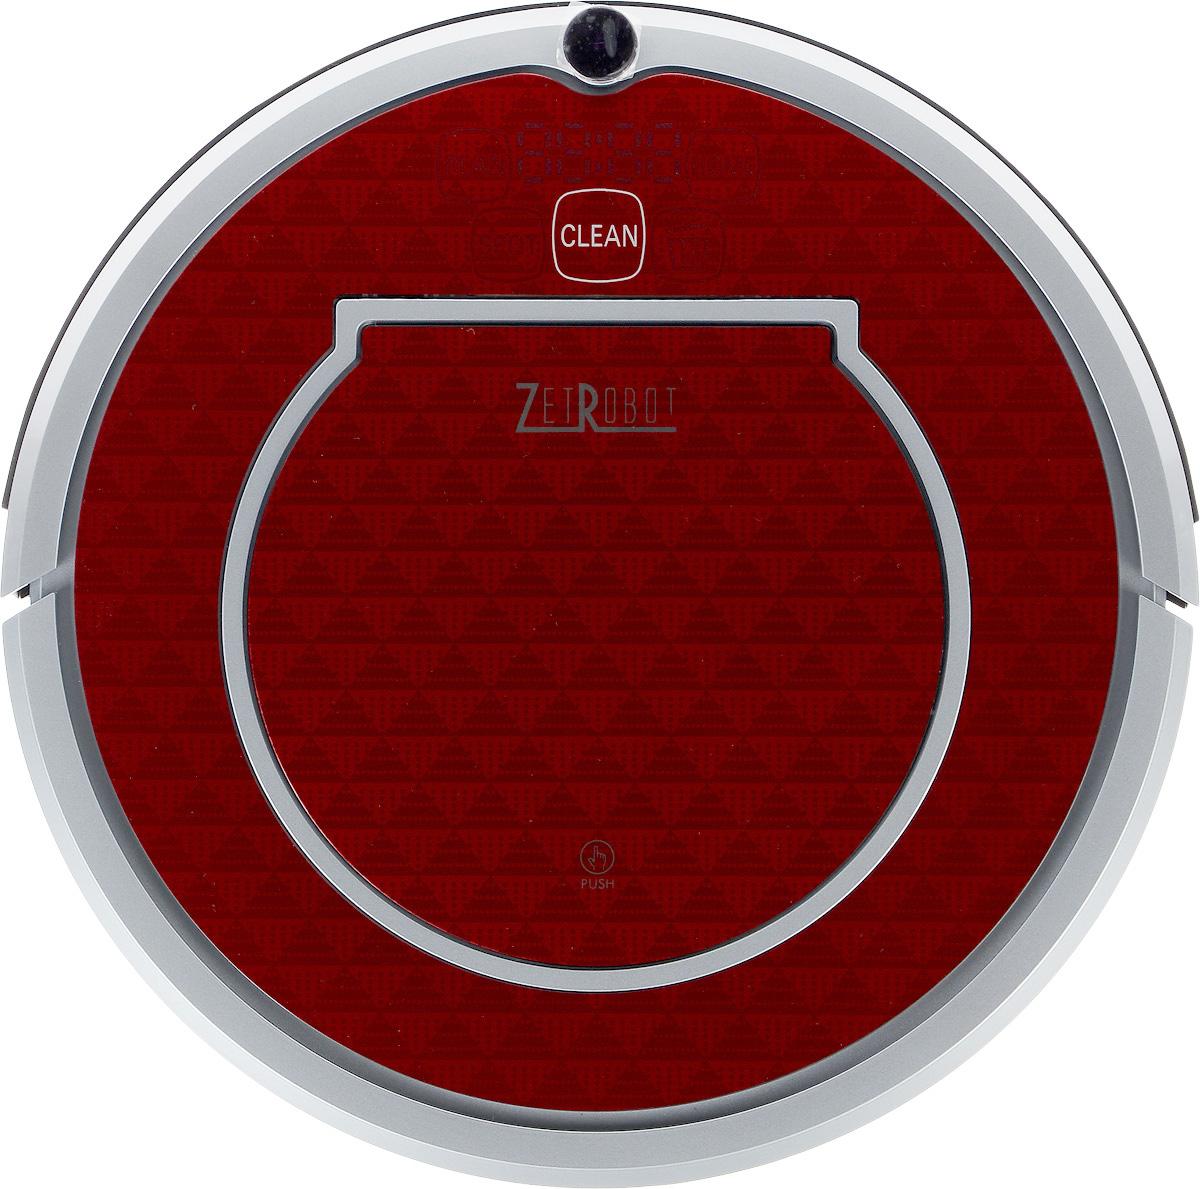 ZetRobot AH-RT, Silver Red робот-пылесос, цвет пандаAH-RT_Black Silver RedВысота ZetRobot AH-RT составляет всего 8,5 см, благодаря чему он может пройти под большинством шкафов и кроватей. Диаметр корпуса дает возможность протиснуться между близко расположенными препятствиями и убрать больше поверхности пола, чем другие пылесосы. Пылесос оснащен функциями автоматической и ручной уборки, локальной уборки и уборки по расписанию. Программа автоматической чистки позволяет устройству приступить к очистке вашей комнаты, и его движения можно изменить в зависимости от условий. Если прибор обнаружит сильное загрязнение пола, оно автоматически переключится в режим точечной уборки во вращающейся конфигурации. Ограничитель движения создает невидимый барьер, который ZetRobot AH-RT не пересекает. Он позволяет легко ограничить область работы в определенной комнате или помещении, а также предотвратить приближение устройства к хрупким или опасным предметам. В целях экономии электроэнергии ZetRobot AH-RT работает в одном режиме после...